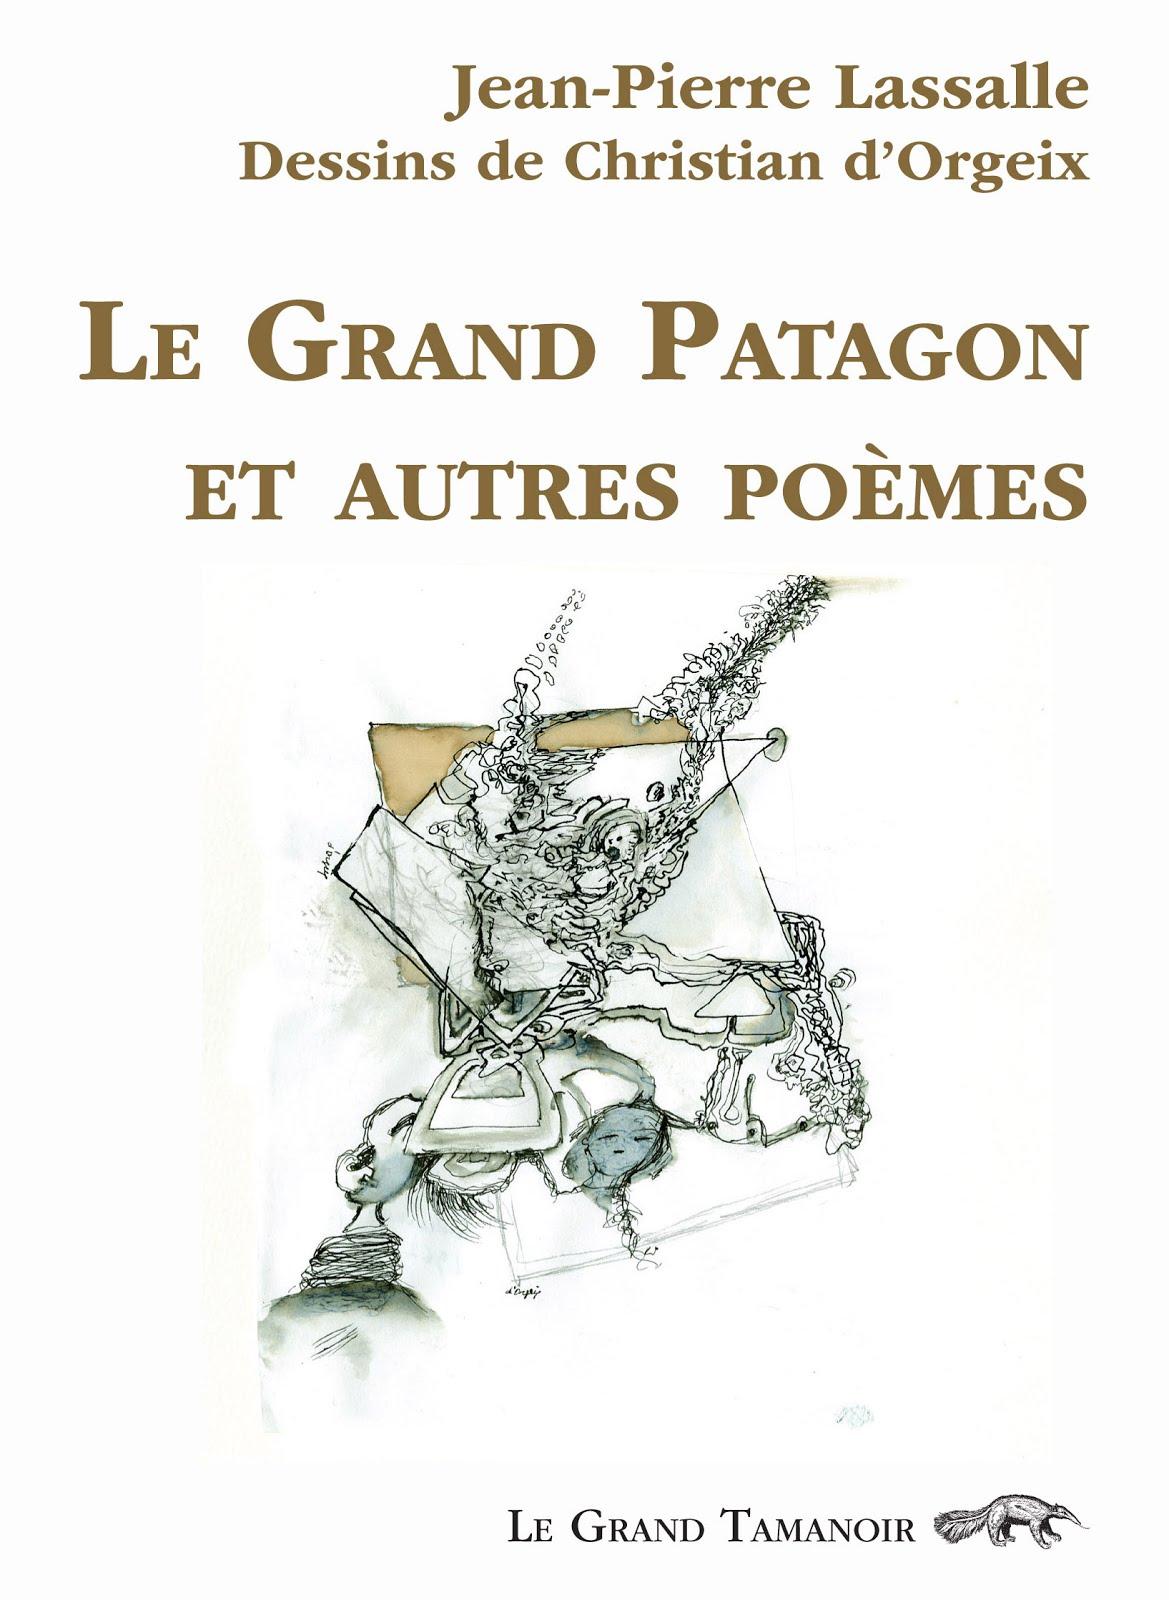 Jean-Pierre LASSALLE, Le Grand Patagon et autres poèmes, dessins de Christian d'ORGEIX